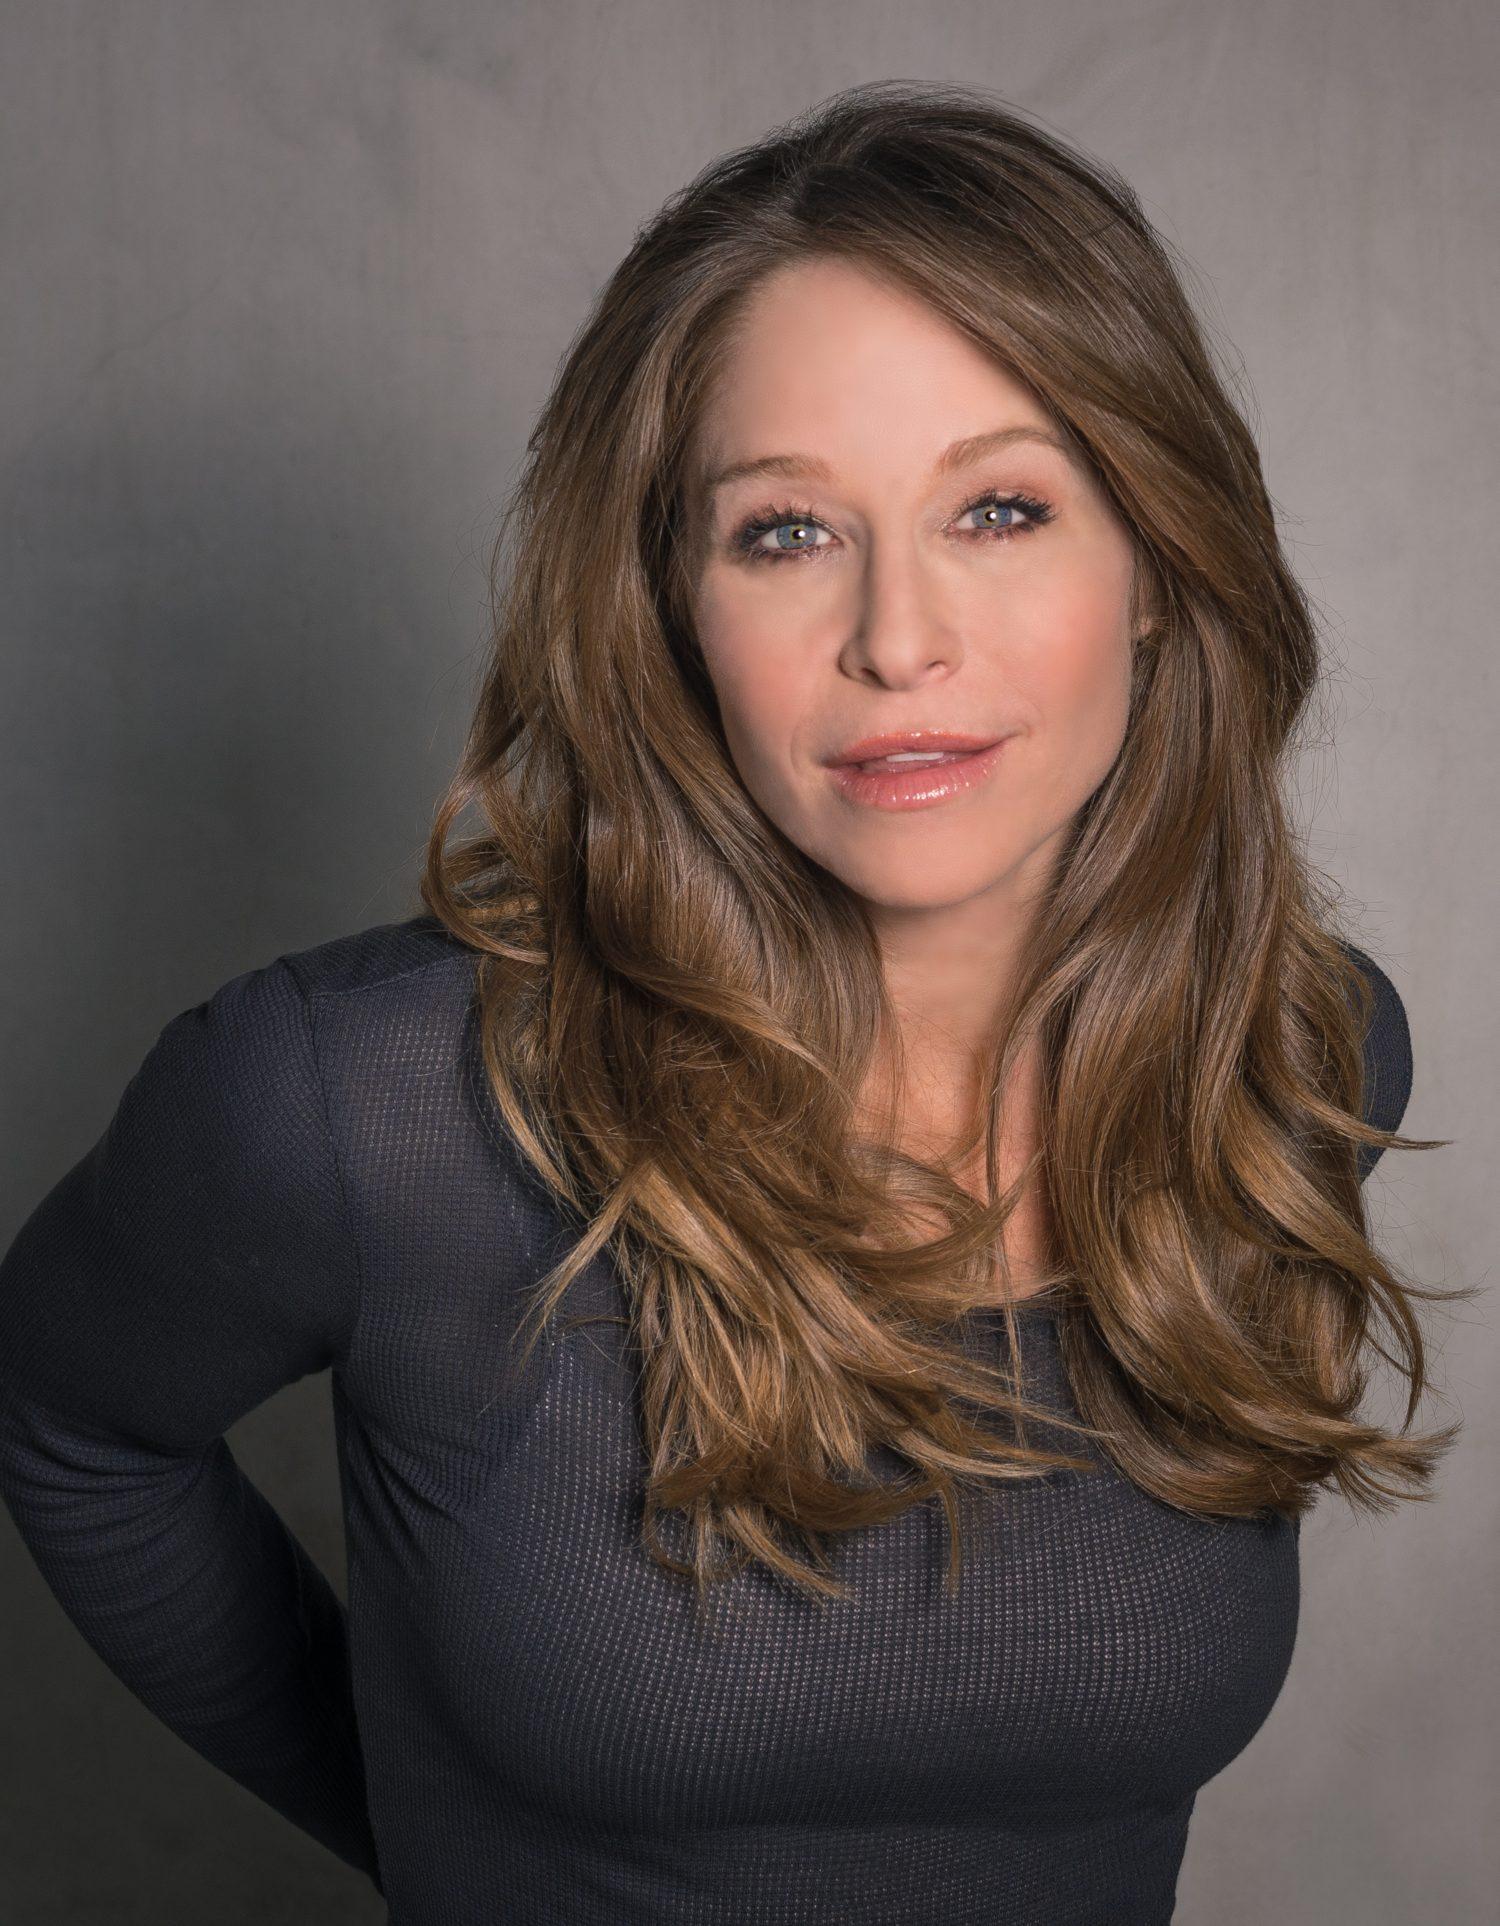 Jamie Luner American Actress